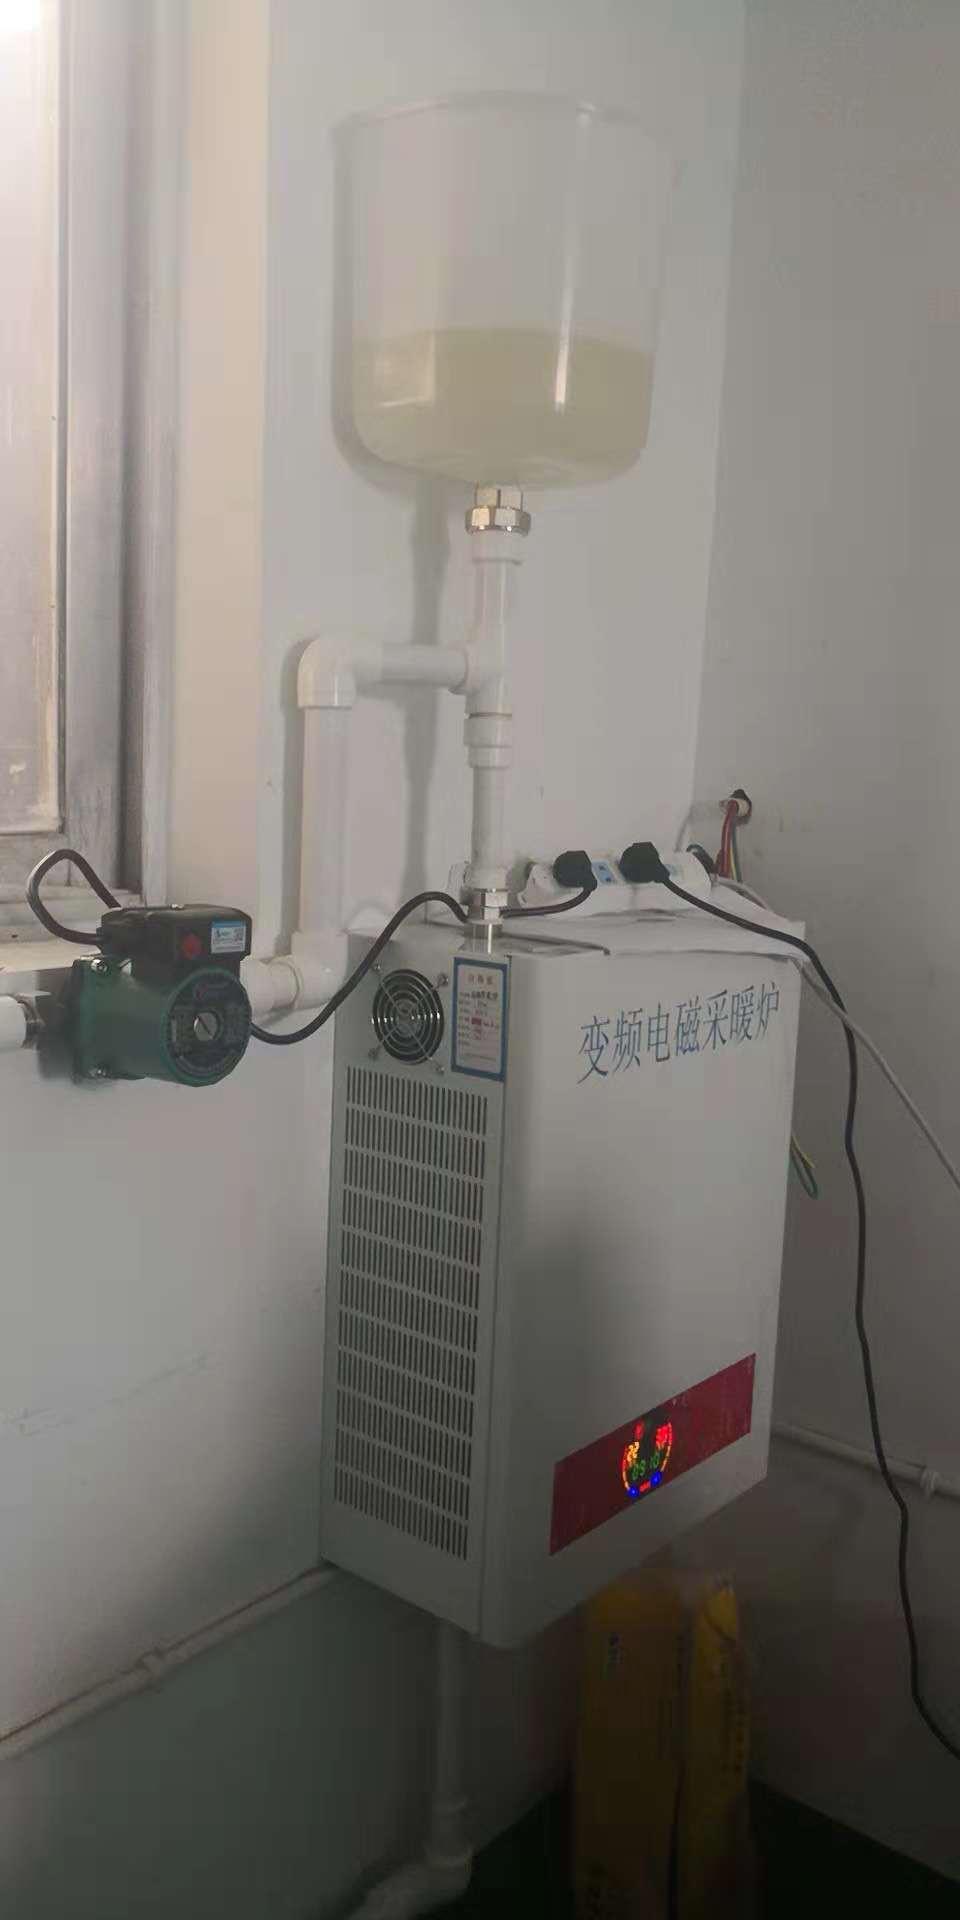 电磁采暖炉耗电量多少?